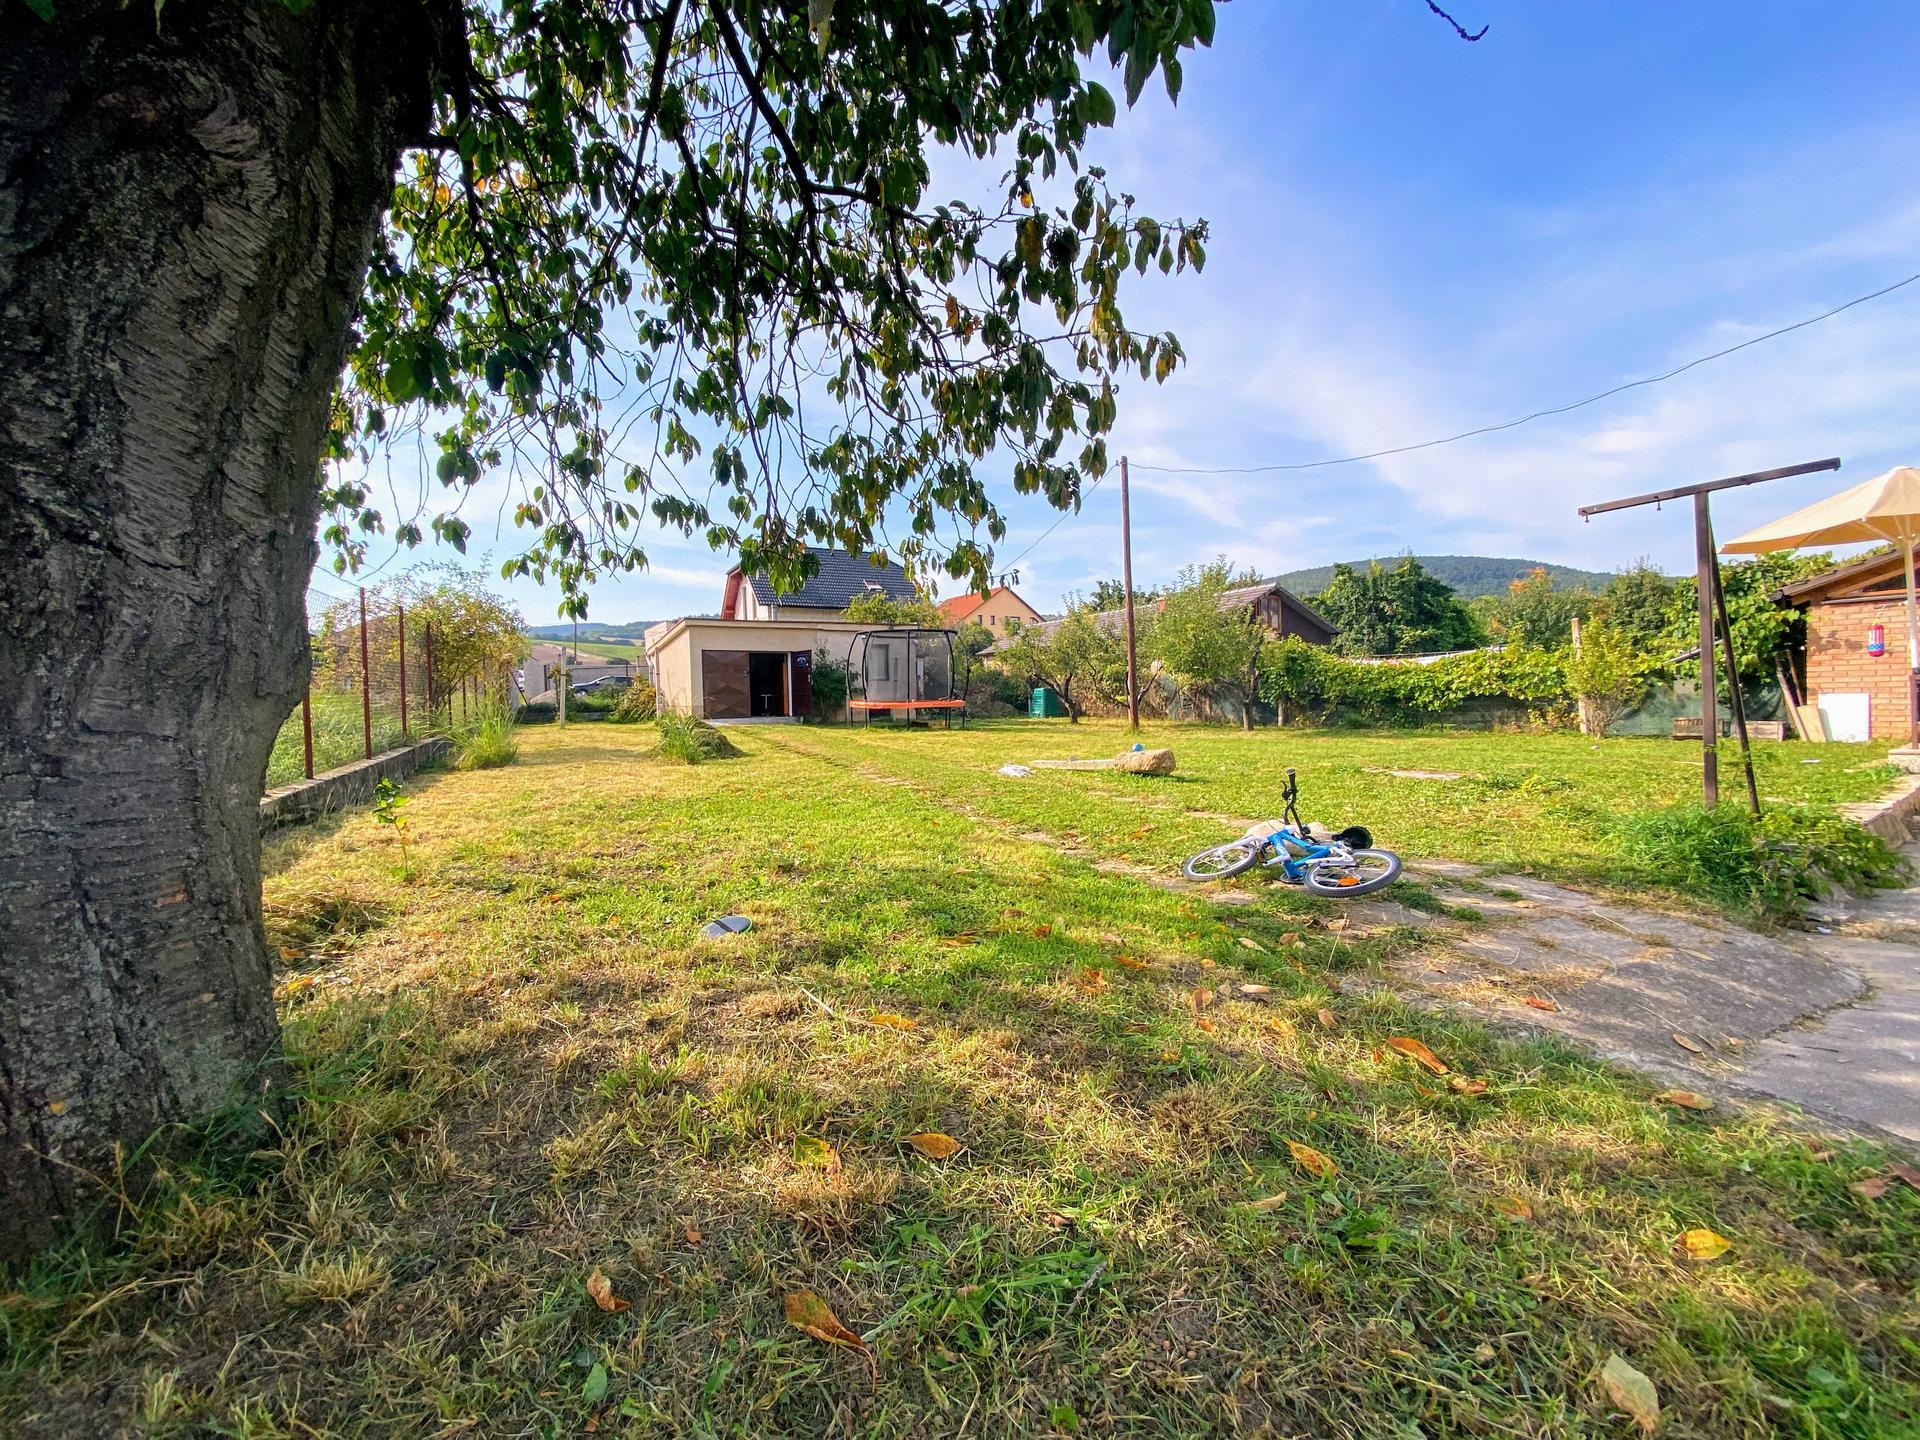 Naša cesta, náš sen - Záhrada. Dom sme kúpili s betónovými stĺpikmi po viniči a asi metrovou trávou. Dnes som slávnostne doklčovala posledný meter2 💪  A bager môže prísť 😀